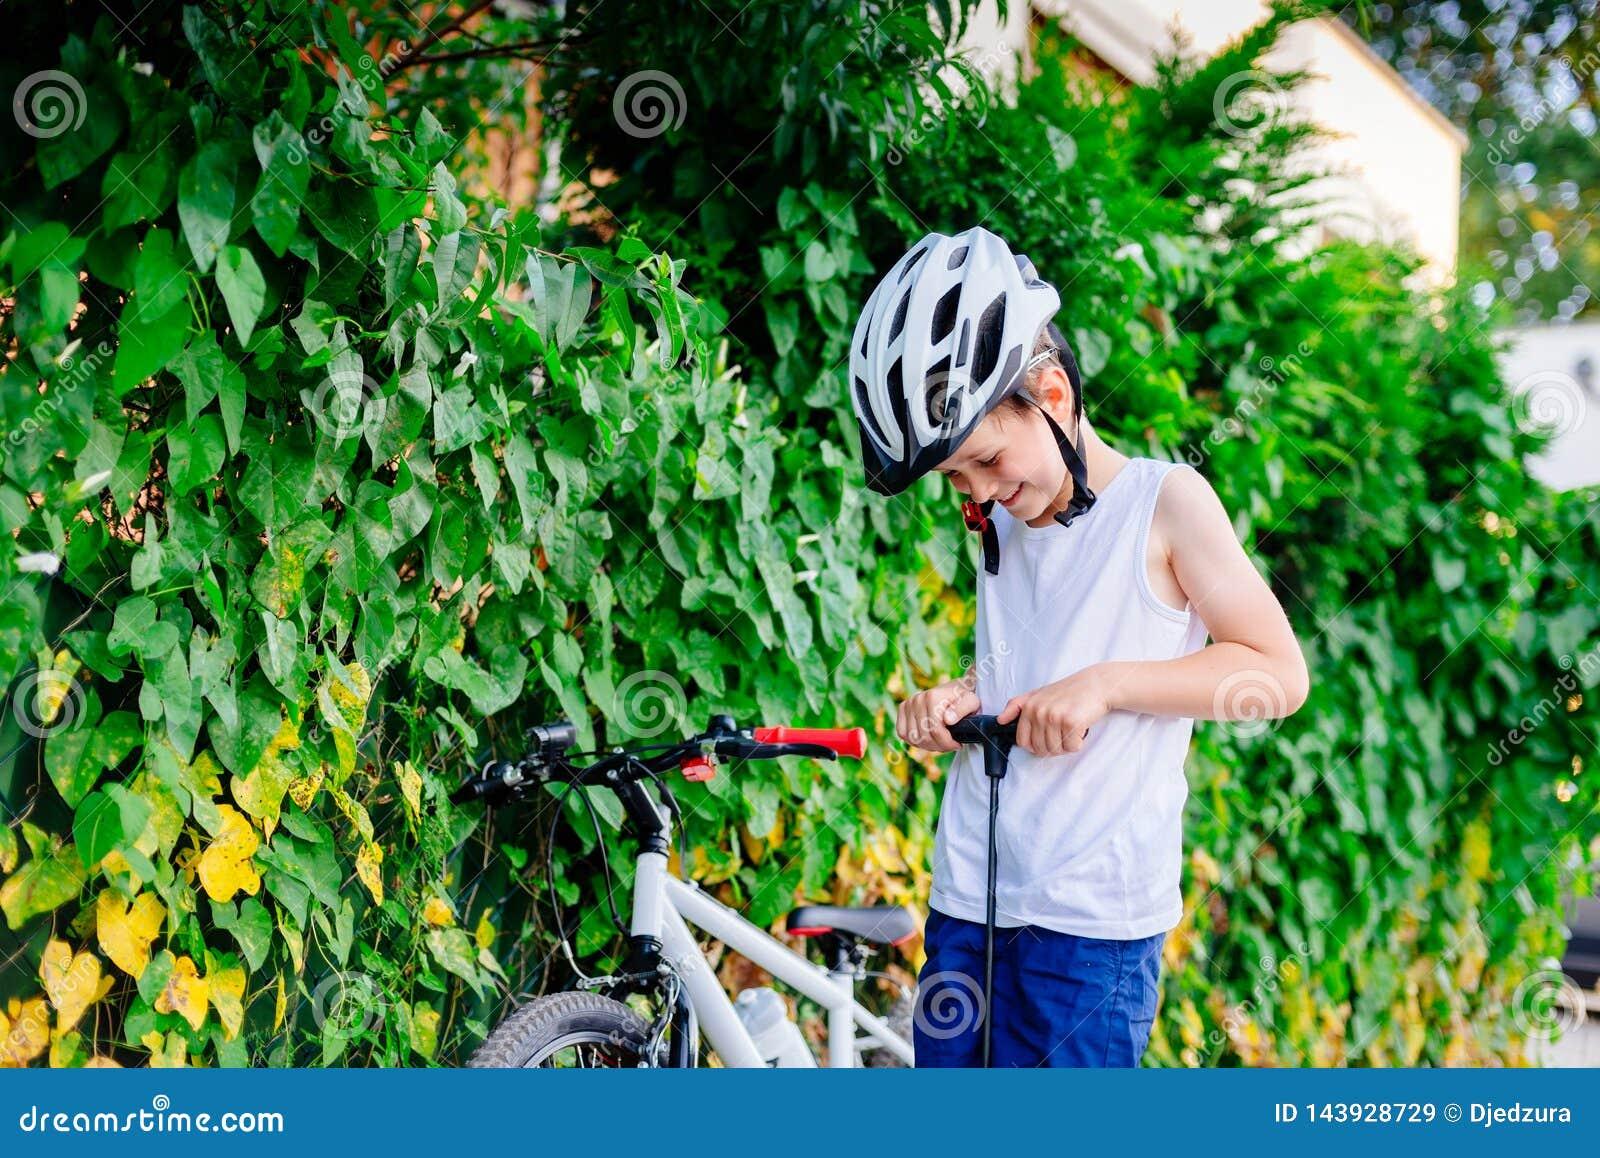 Szczęśliwa małe dziecko chłopiec w białej hełma pompowania oponie w jego bicyklu